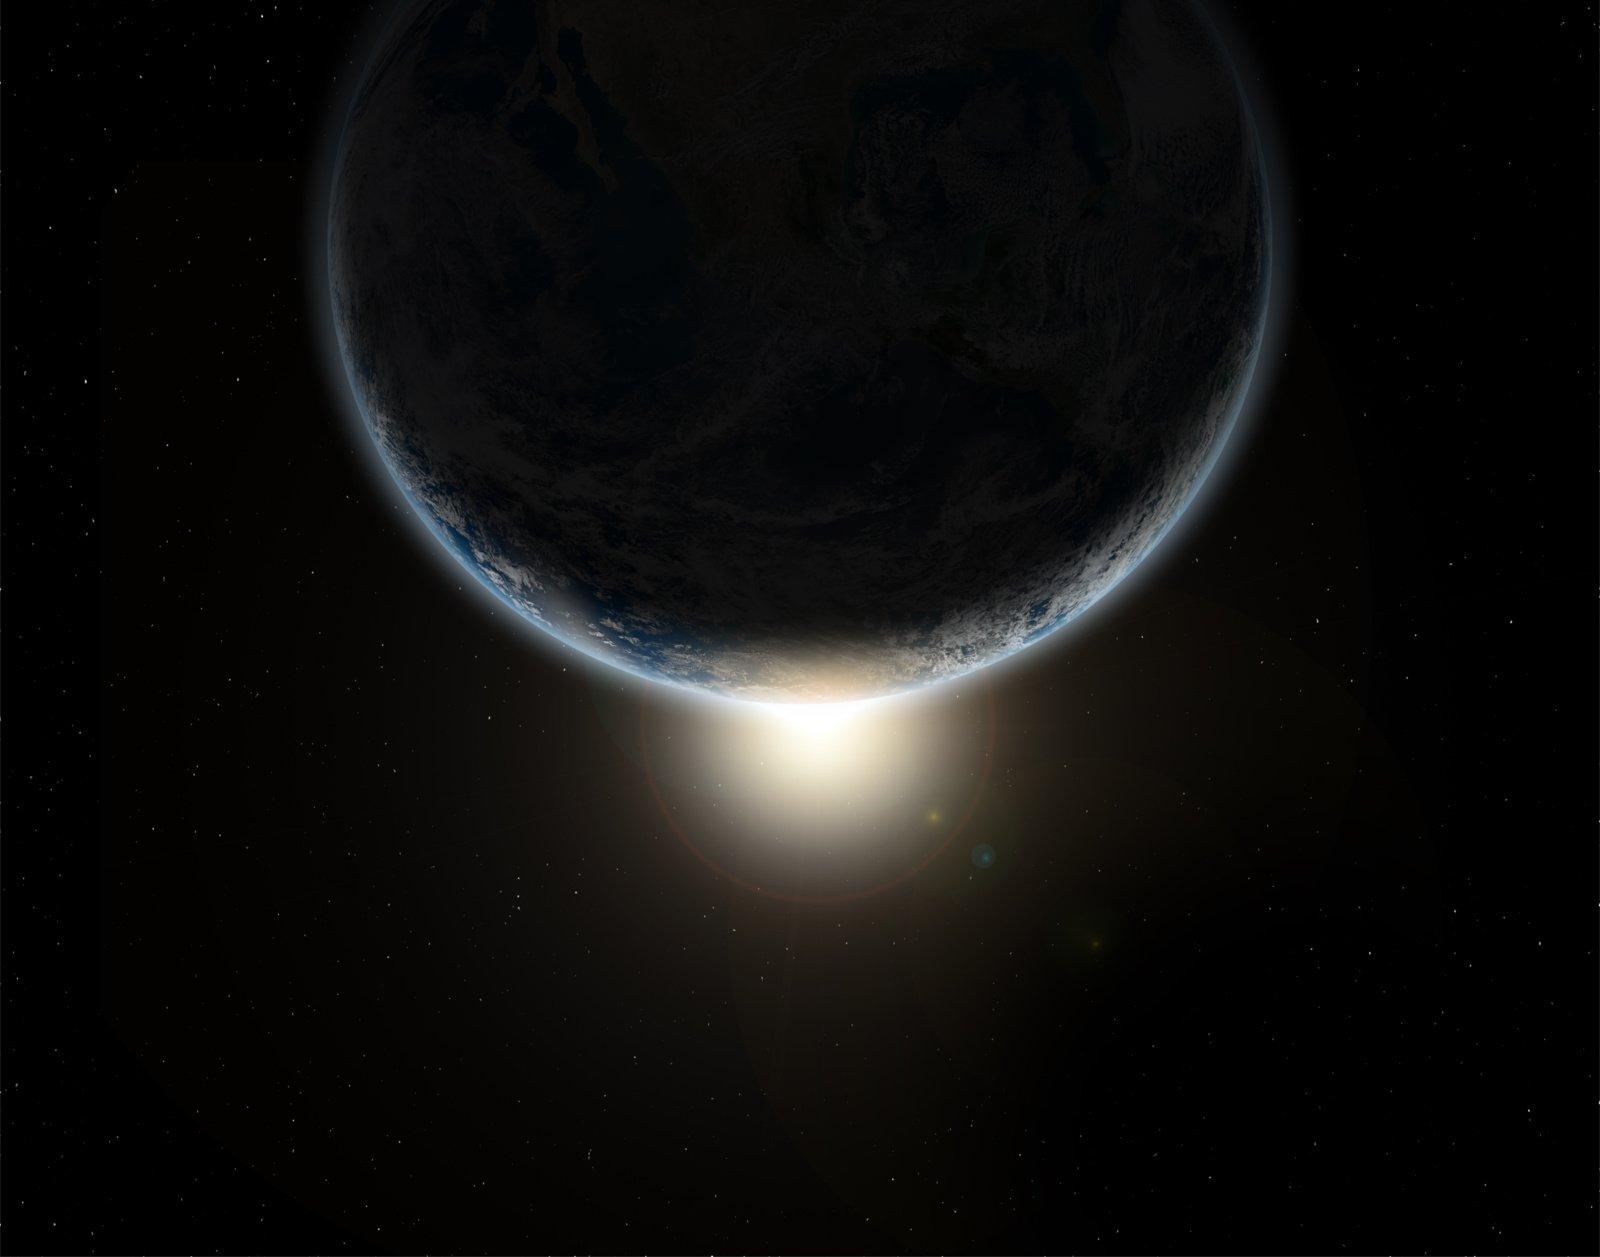 Gegužė padovanos pirmąjį nuo 2019 m. visišką Mėnulio užtemimą